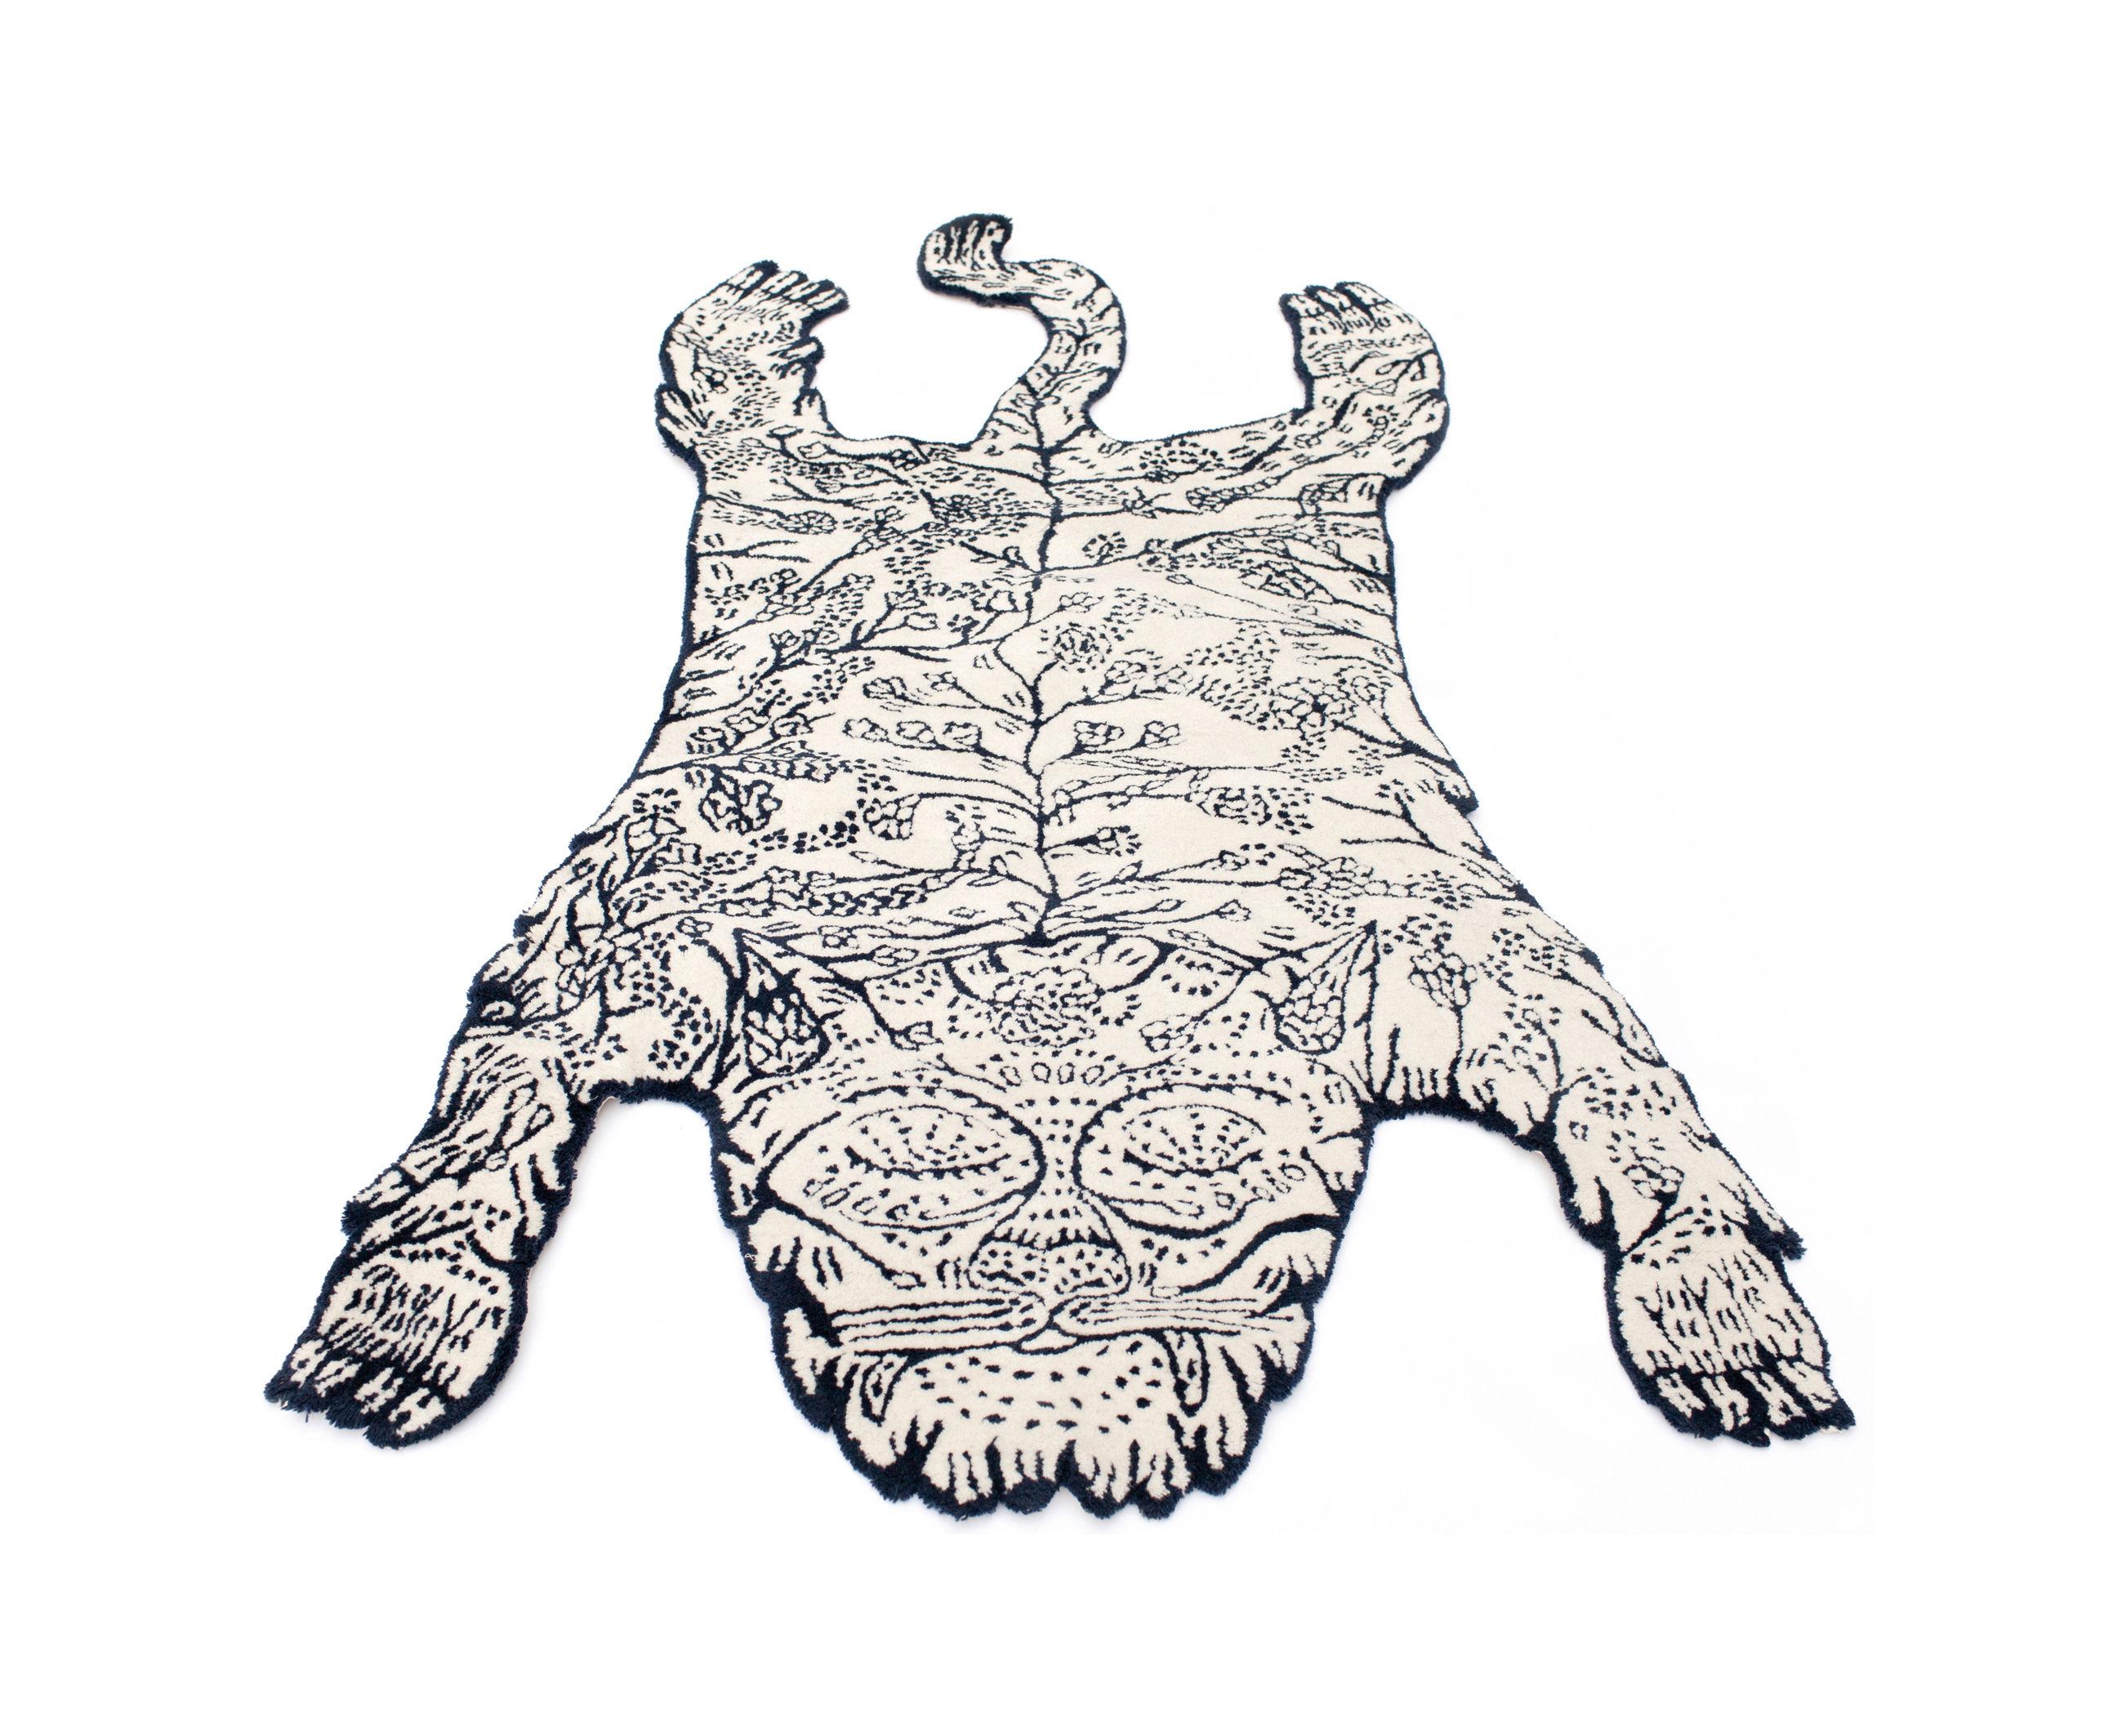 Interni - Tappeti - Tappeto Tiger - Small / 180 x 80 cm di Moustache - 180 x 80 cm / Nero & bianco - Lana